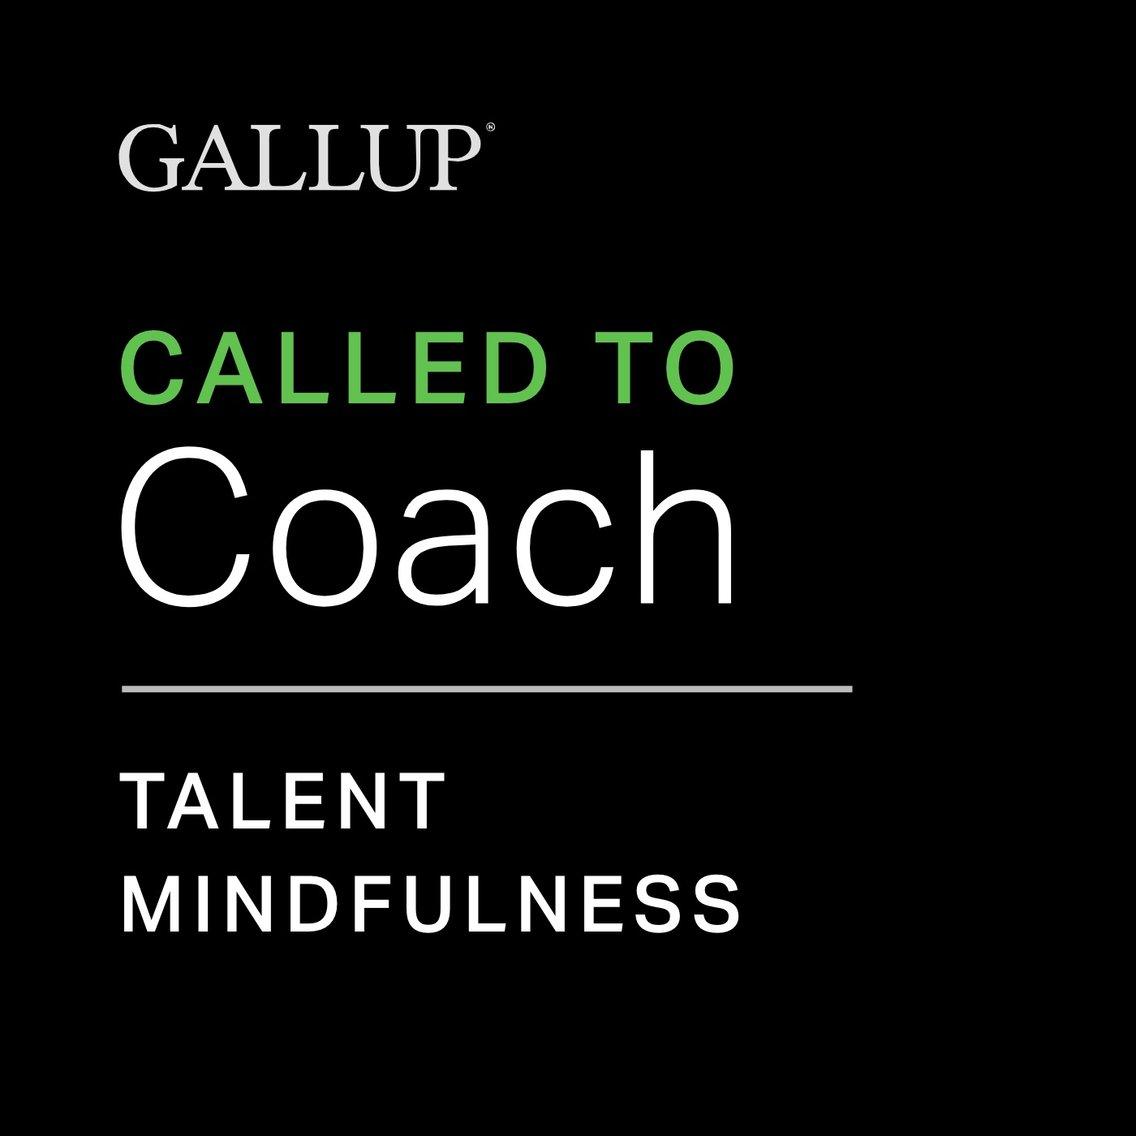 Gallup Talent Mindfulness - immagine di copertina